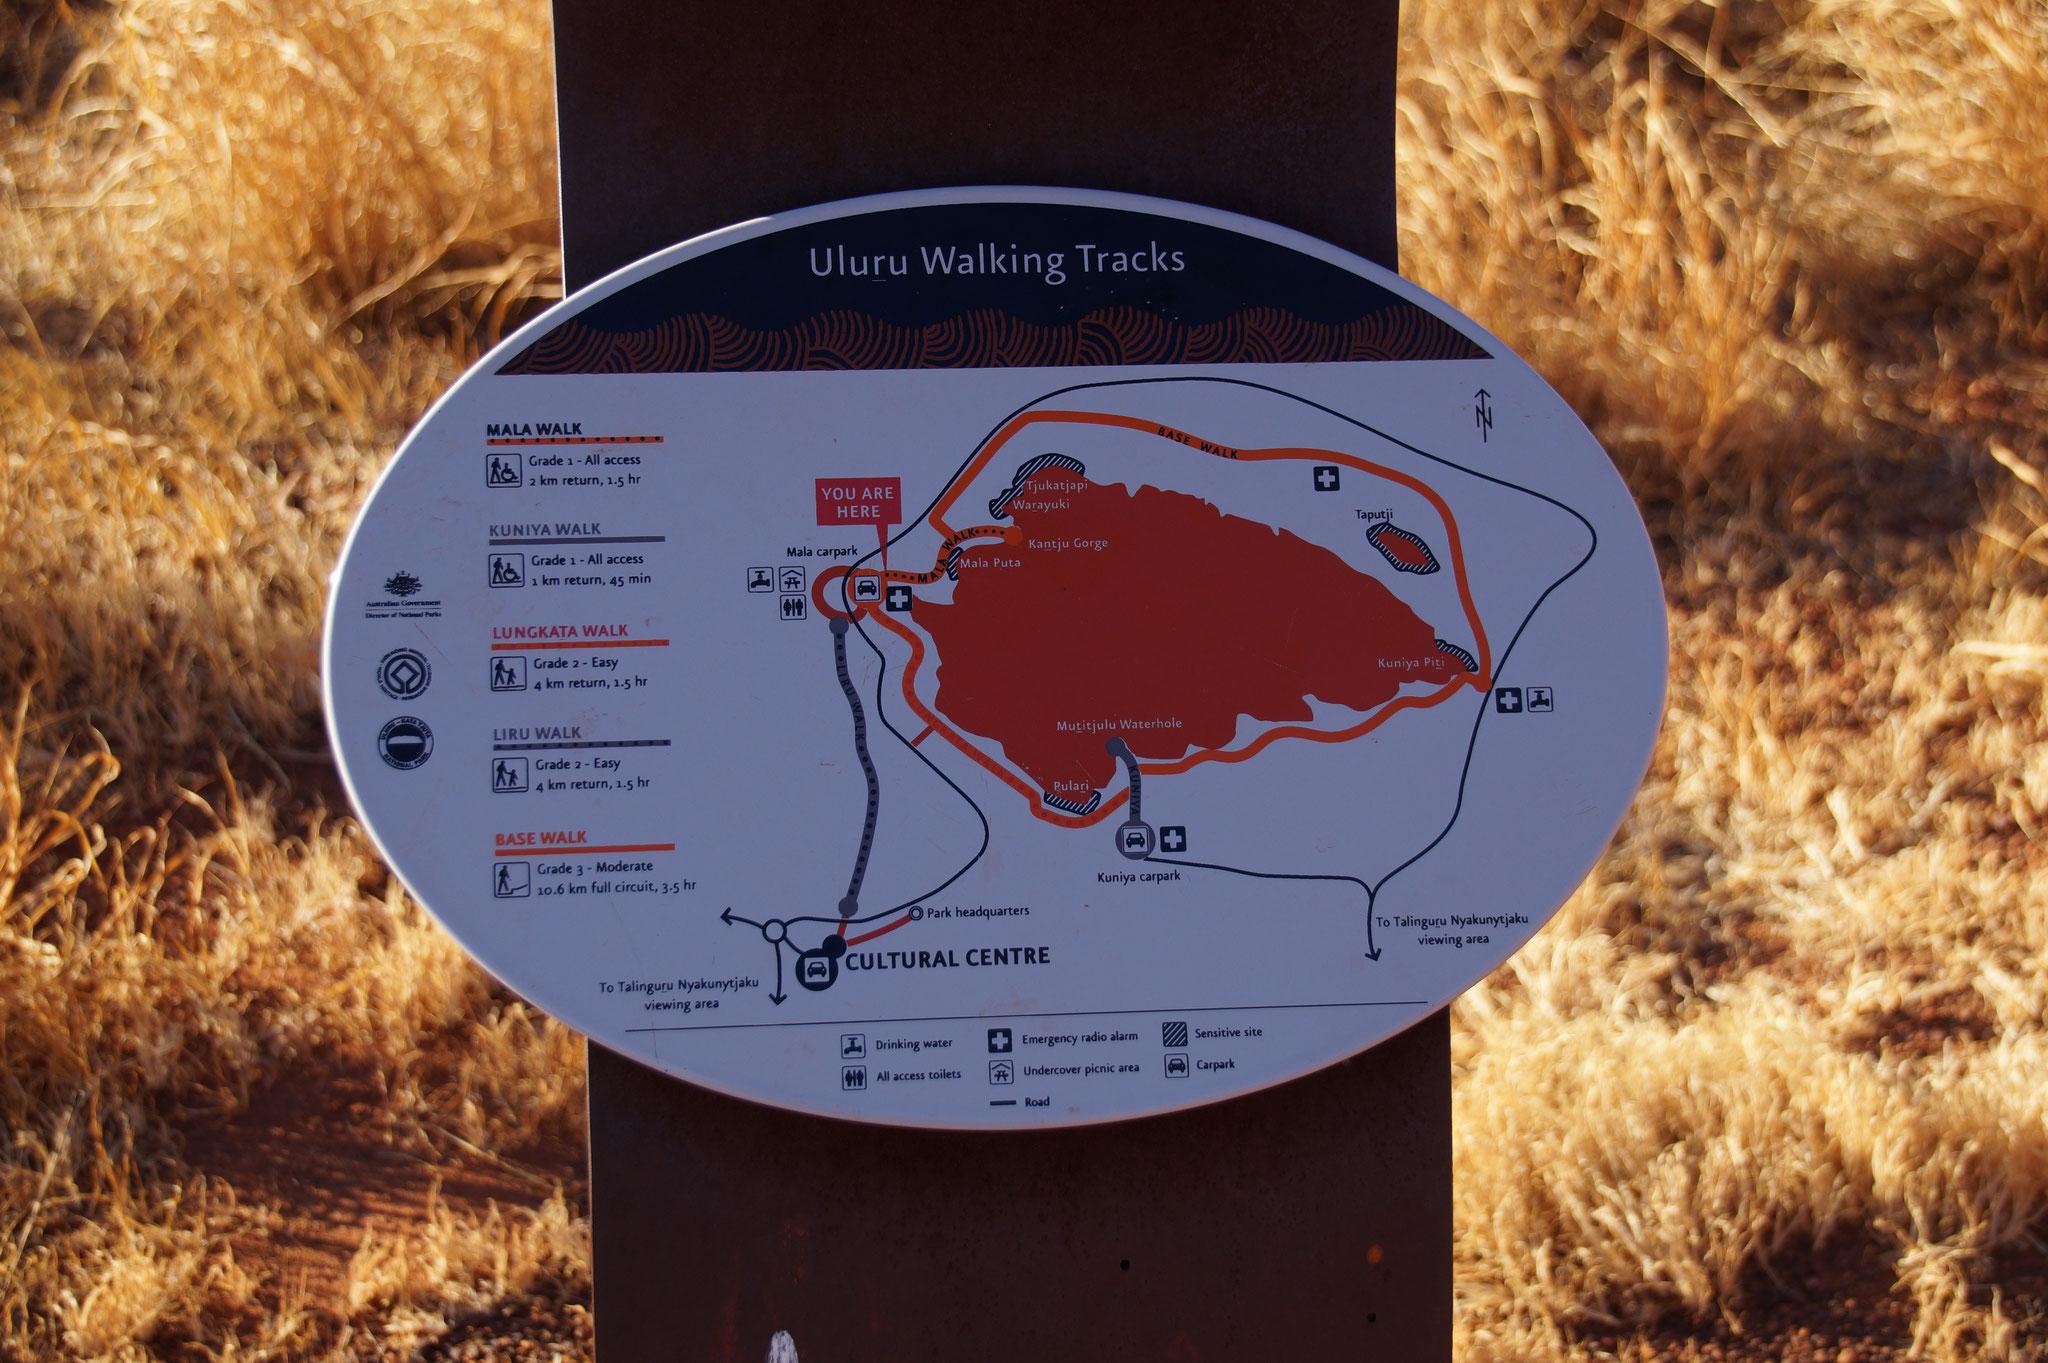 Wanderwege um den Uluru.